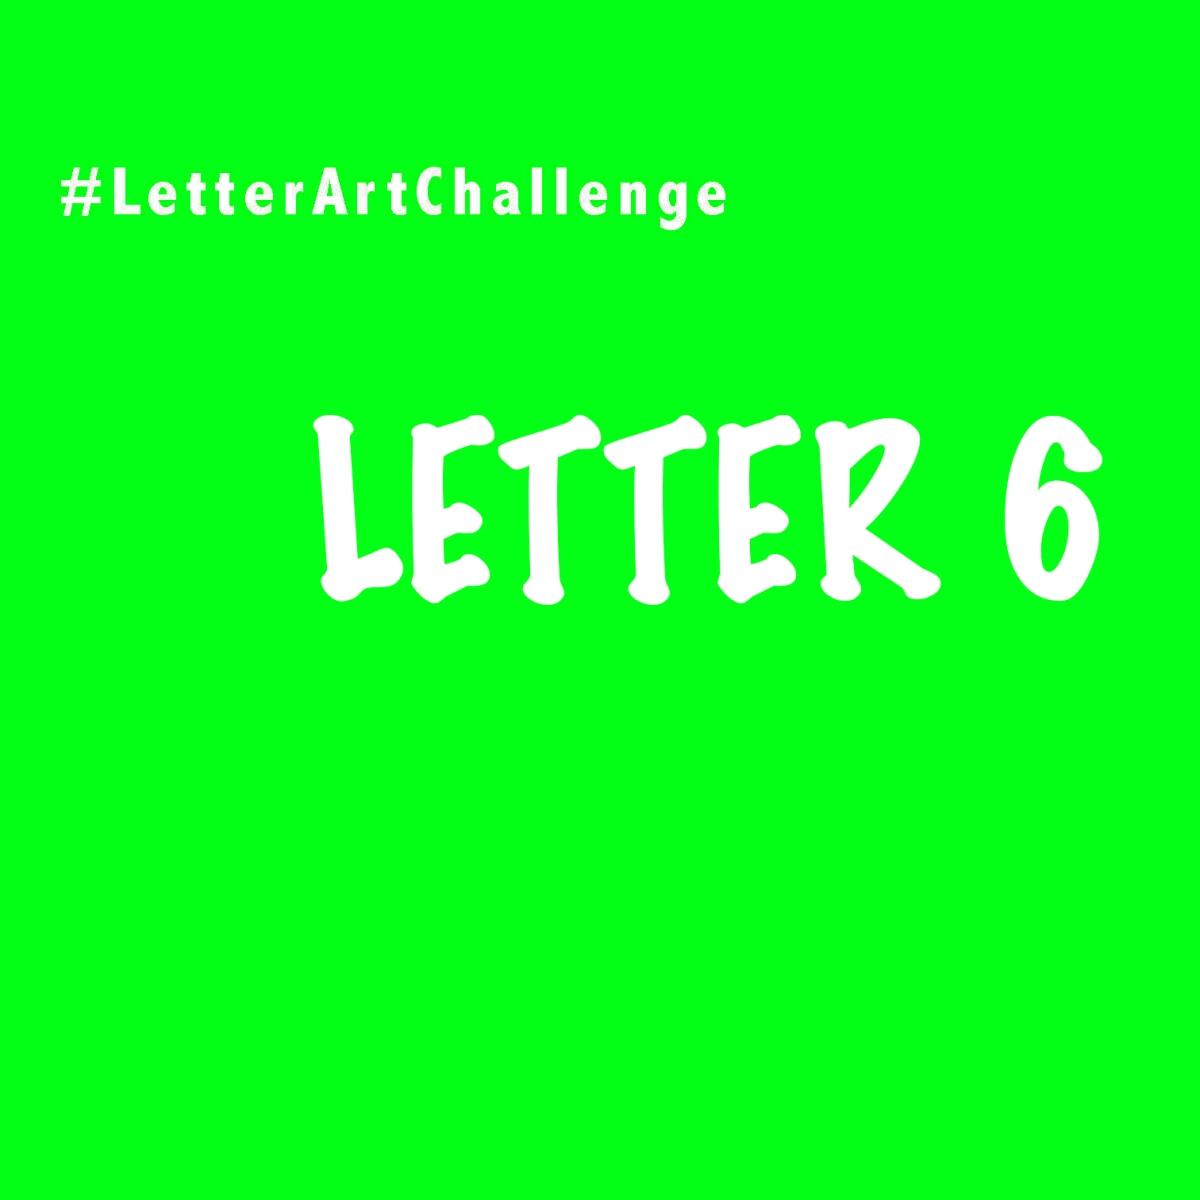 Letter Art Challenge - Letter 6